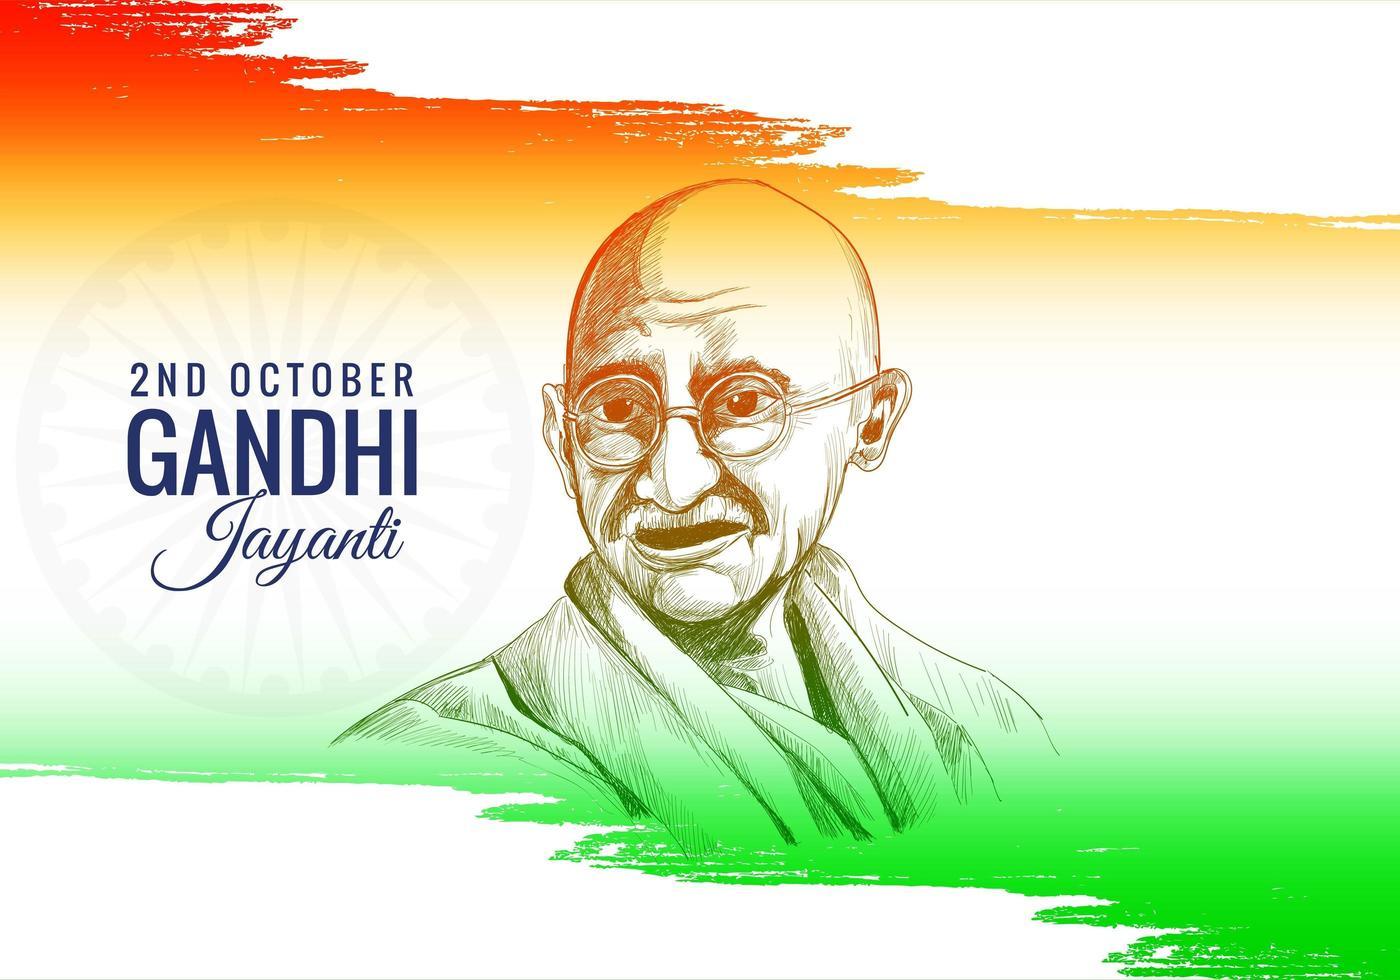 Gandhi jayanti célébré comme fond de fête nationale vecteur